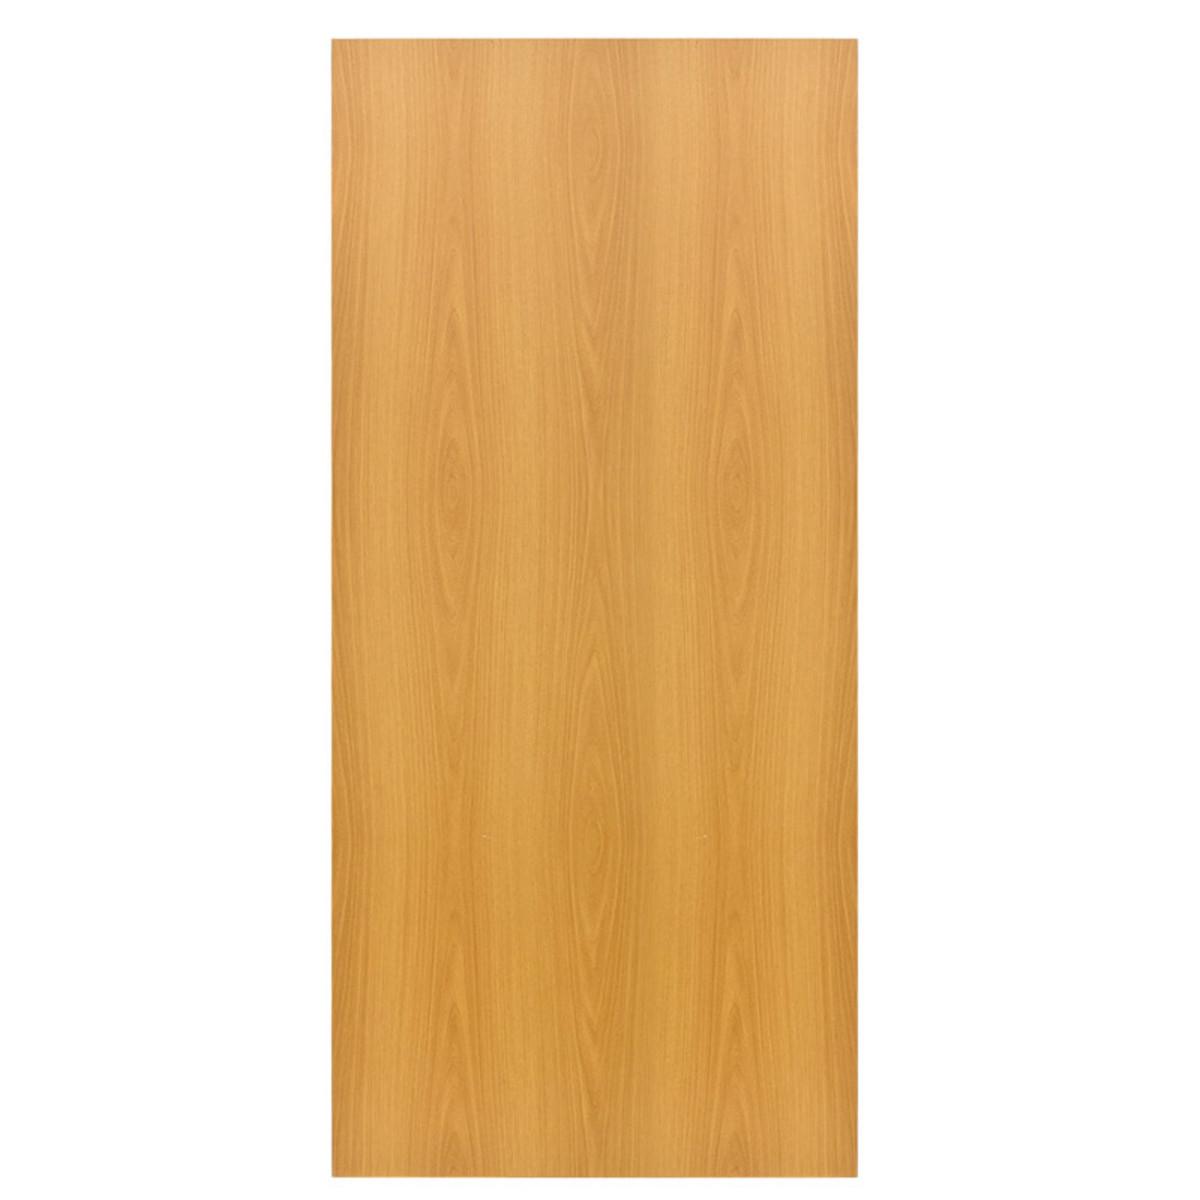 Дверь Межкомнатная Глухая 90x200 Ламинация Цвет Миланский Орех